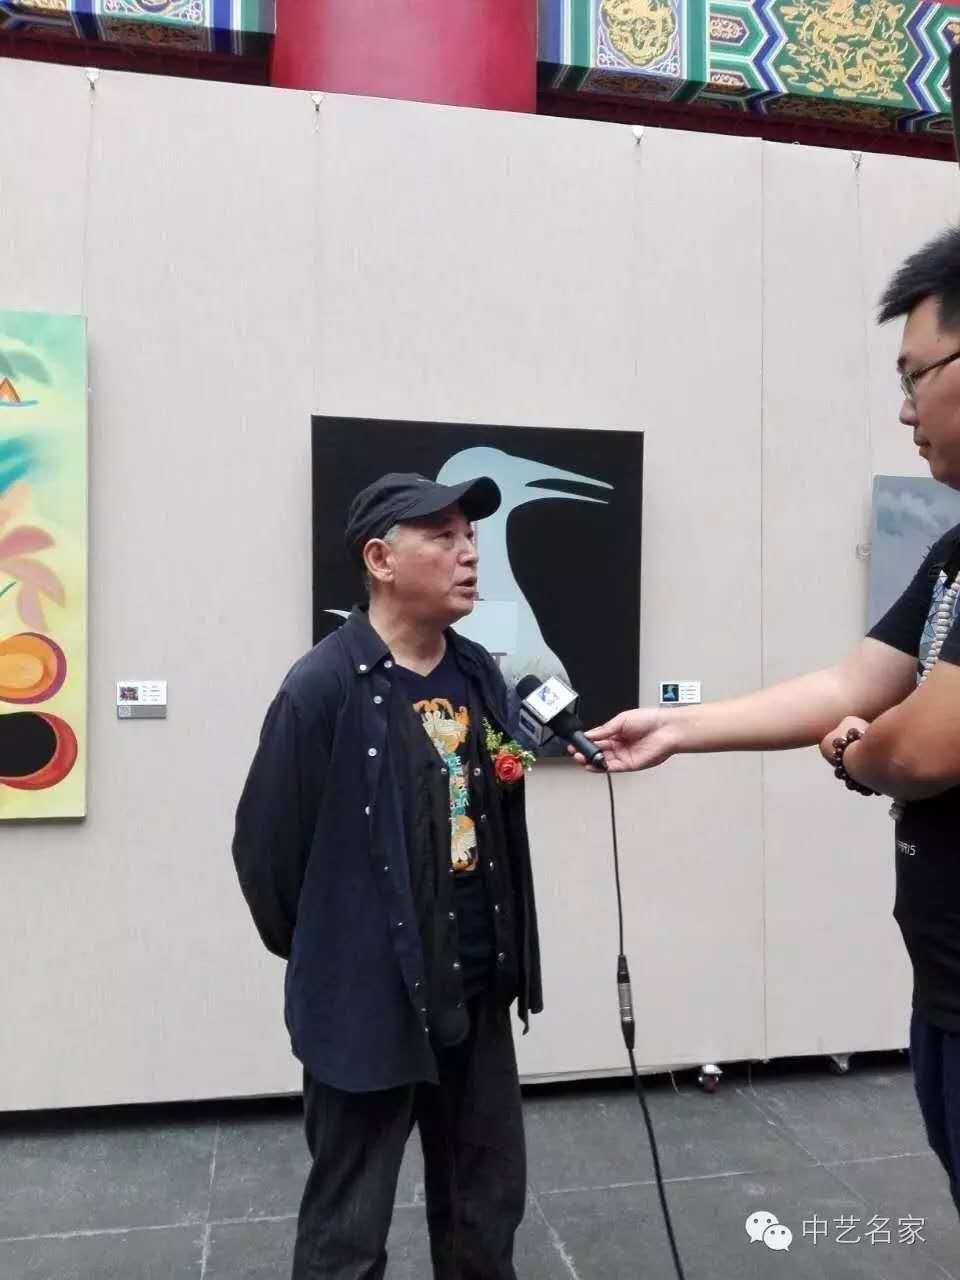 《艺术》杂志副总编,艺术评论家、油画家---张晓军老师评价